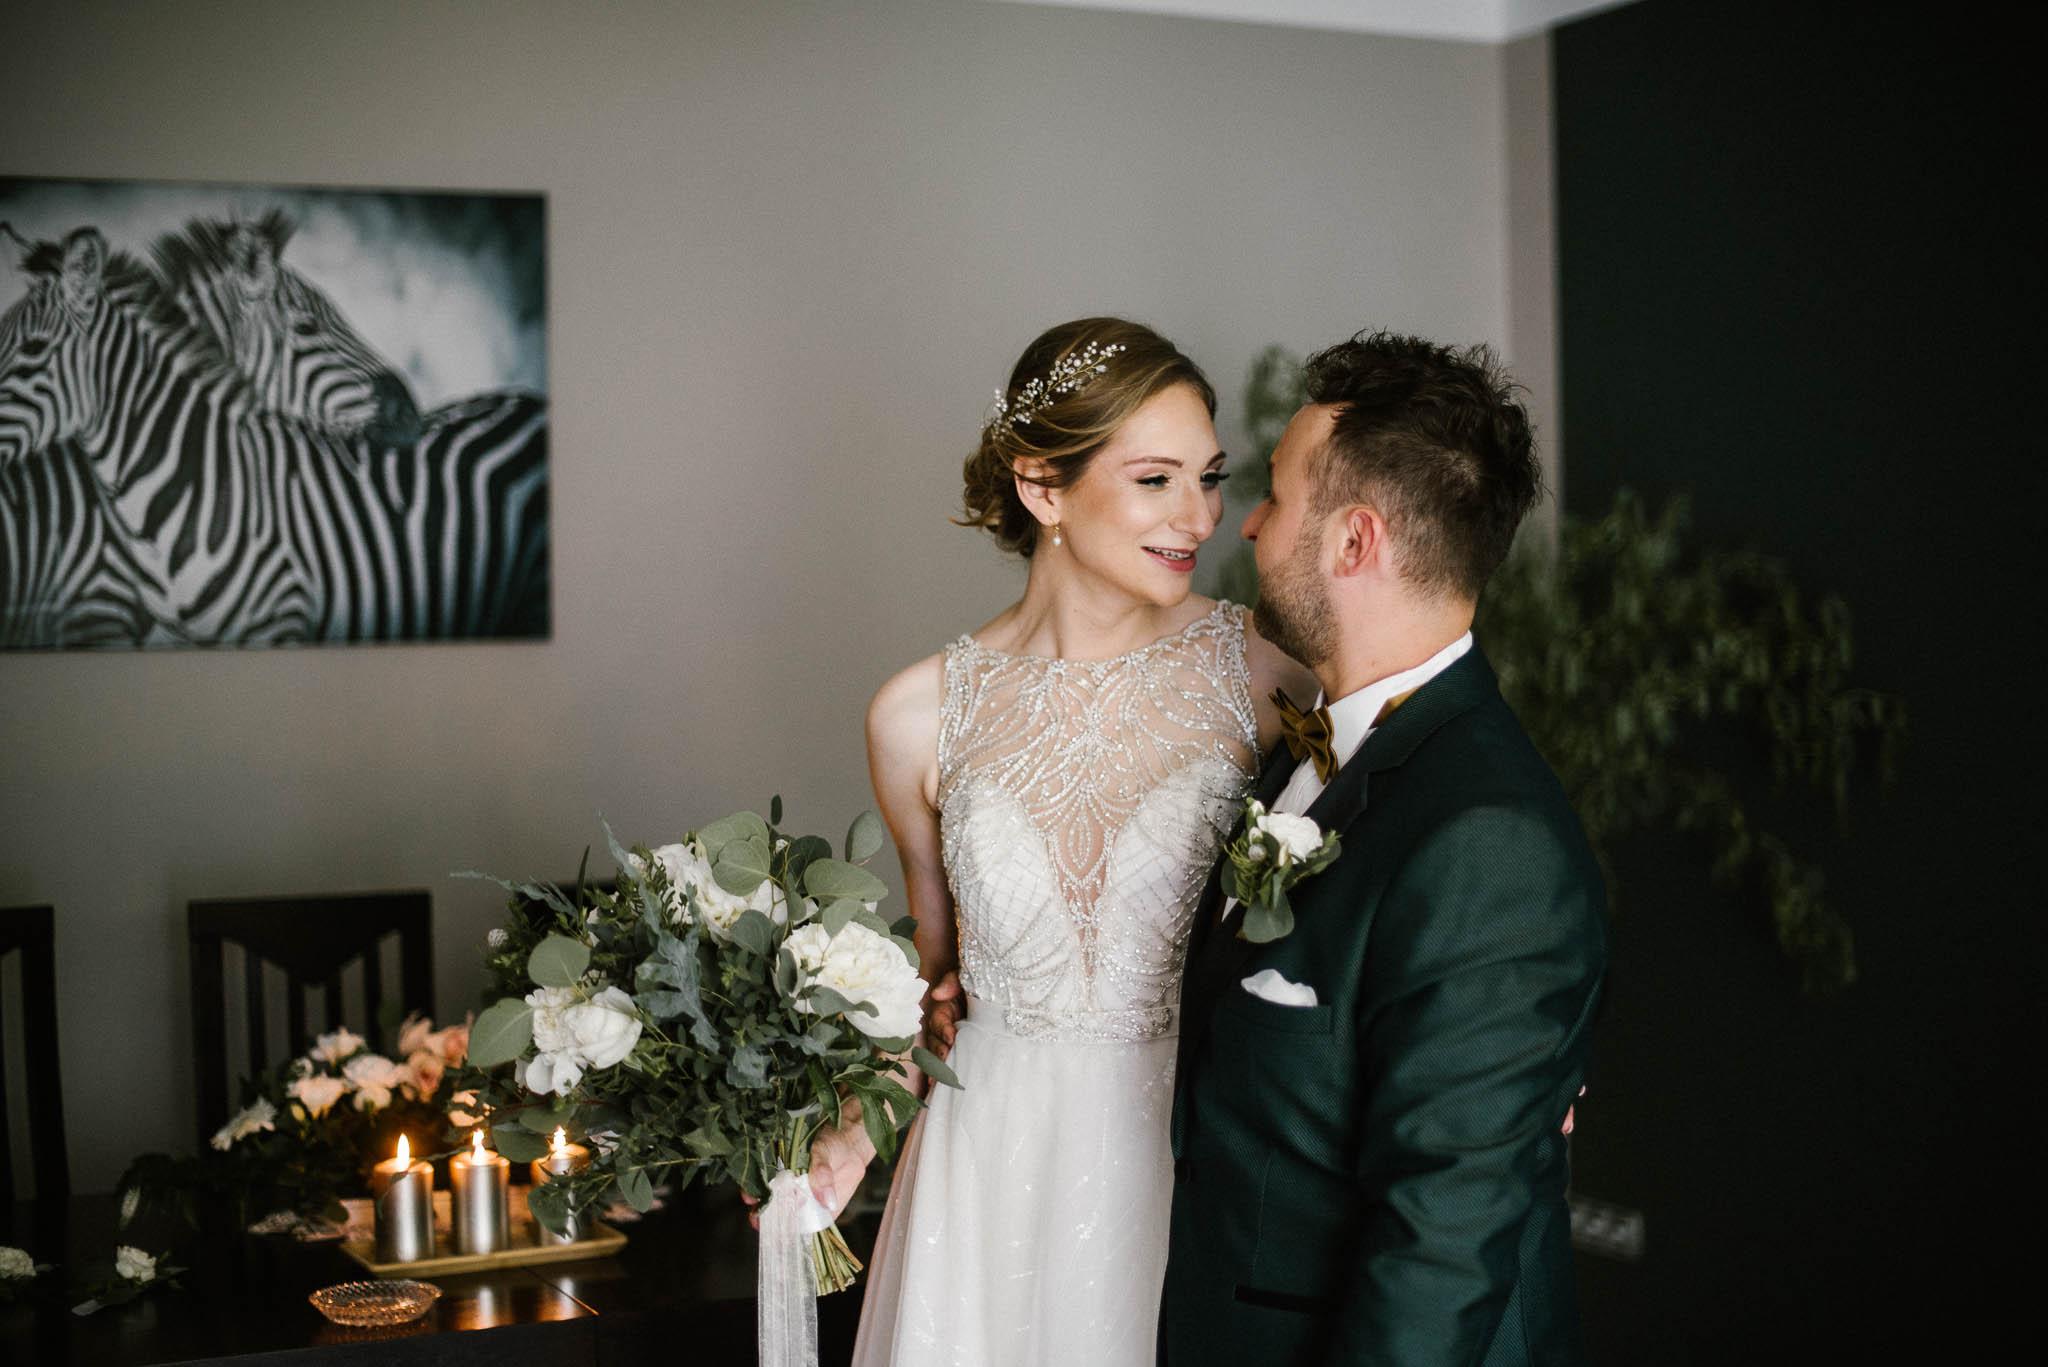 Para młoda patrzy sobie w oczy - ślub w Stodole Bojanowo